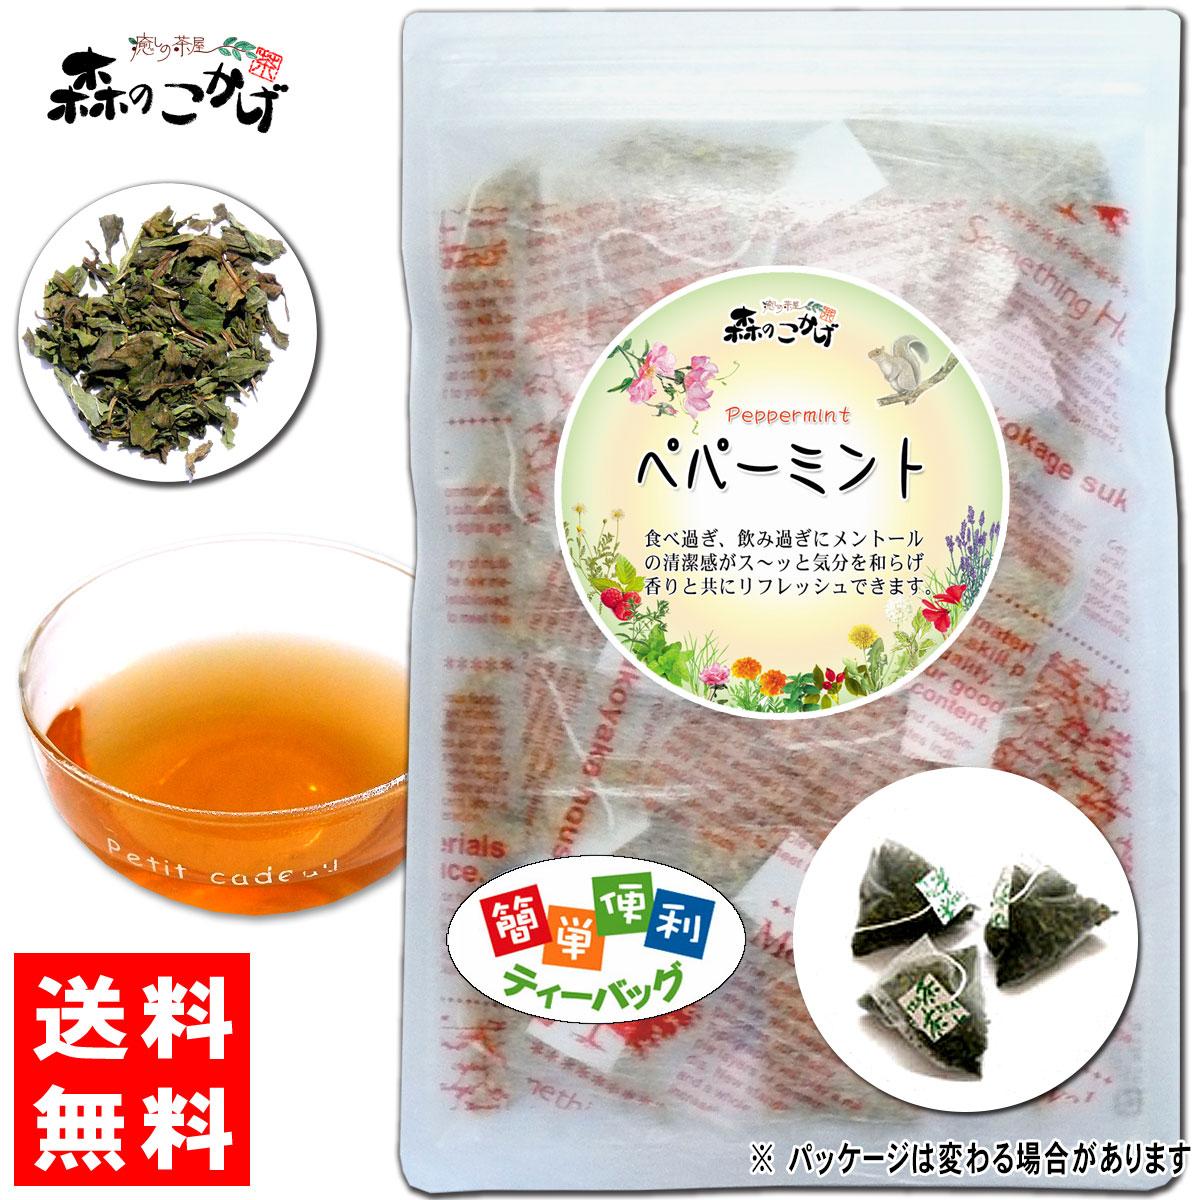 ペパーミントティー [1.5g×30p 内容量変更] オーガニック原料使用 「ティーバッグ」 日本人の好みに合う 森のこかげ 健やかハウス